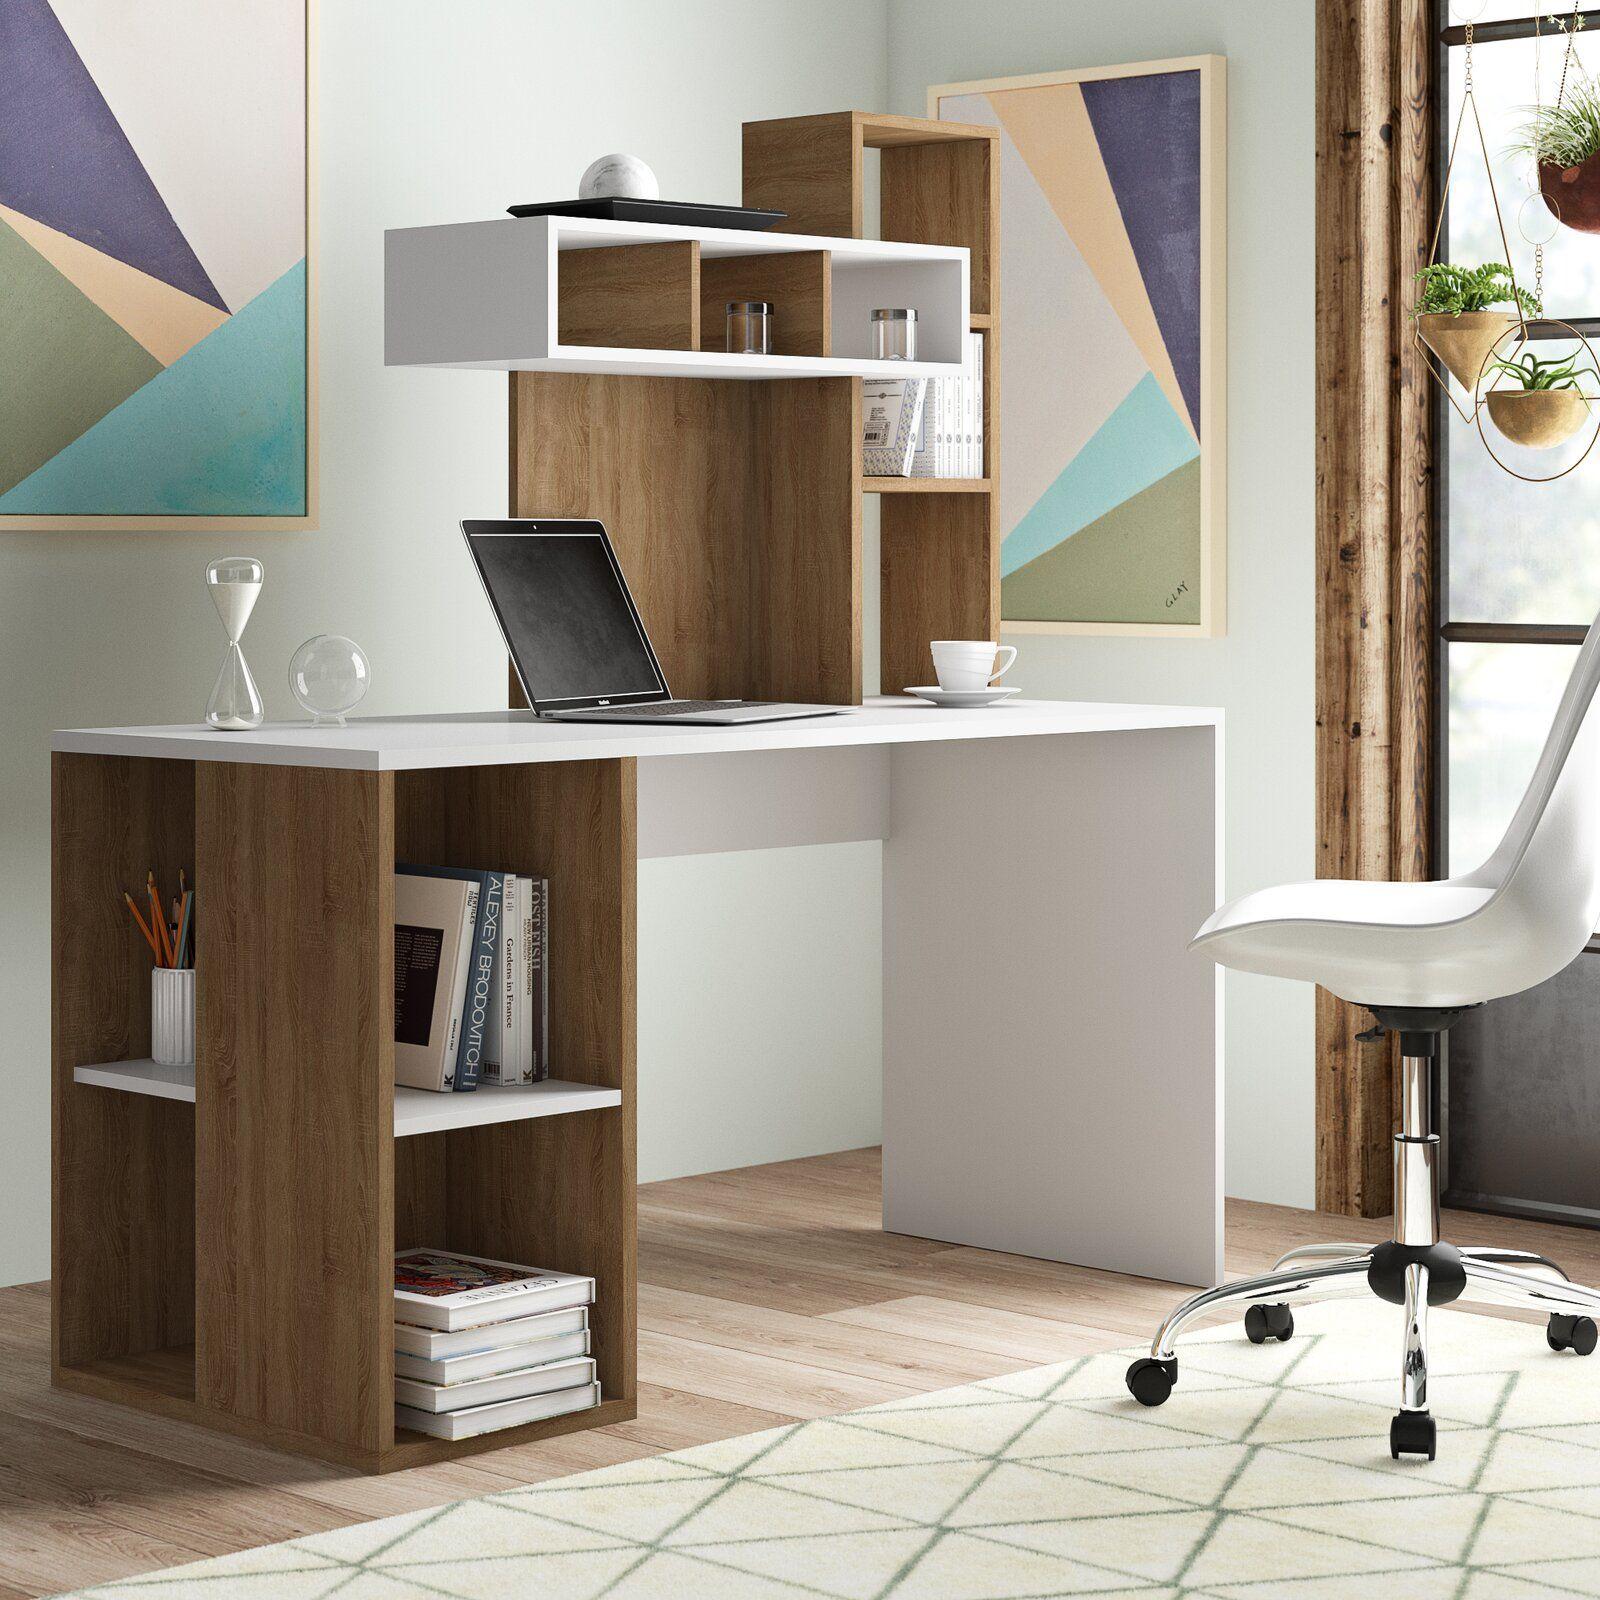 Home Office Design, Furniture, Desk